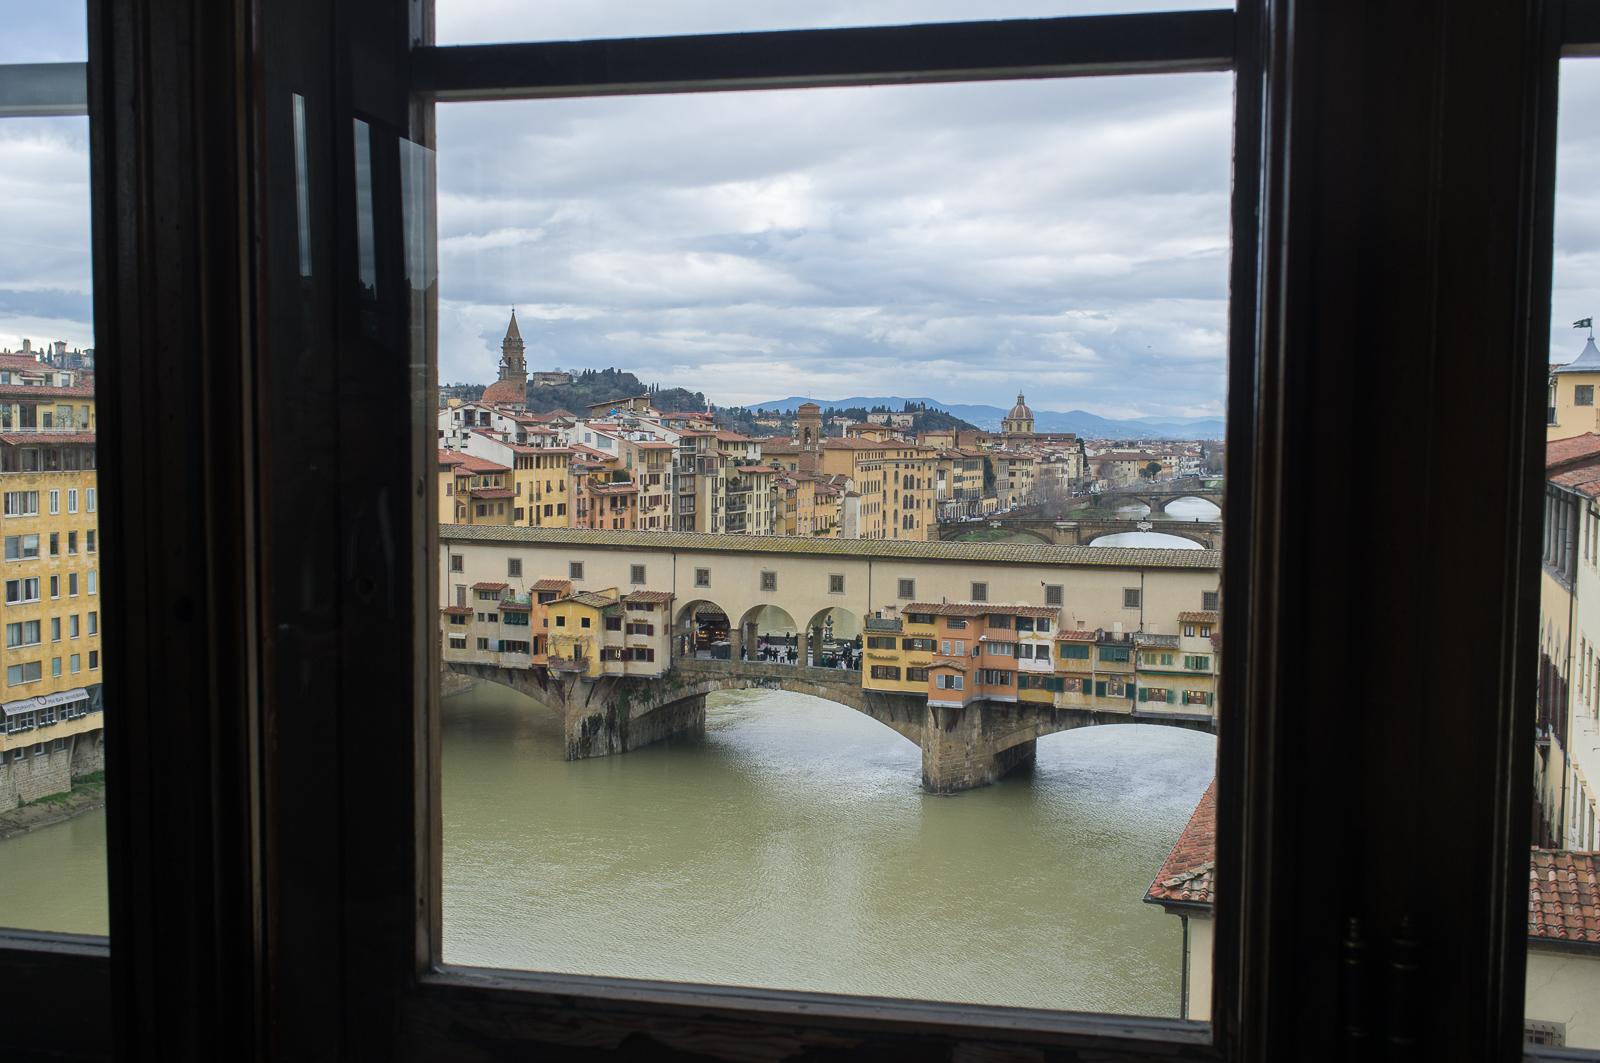 Ponte Vecchio seen from Galleria degli Uffizi